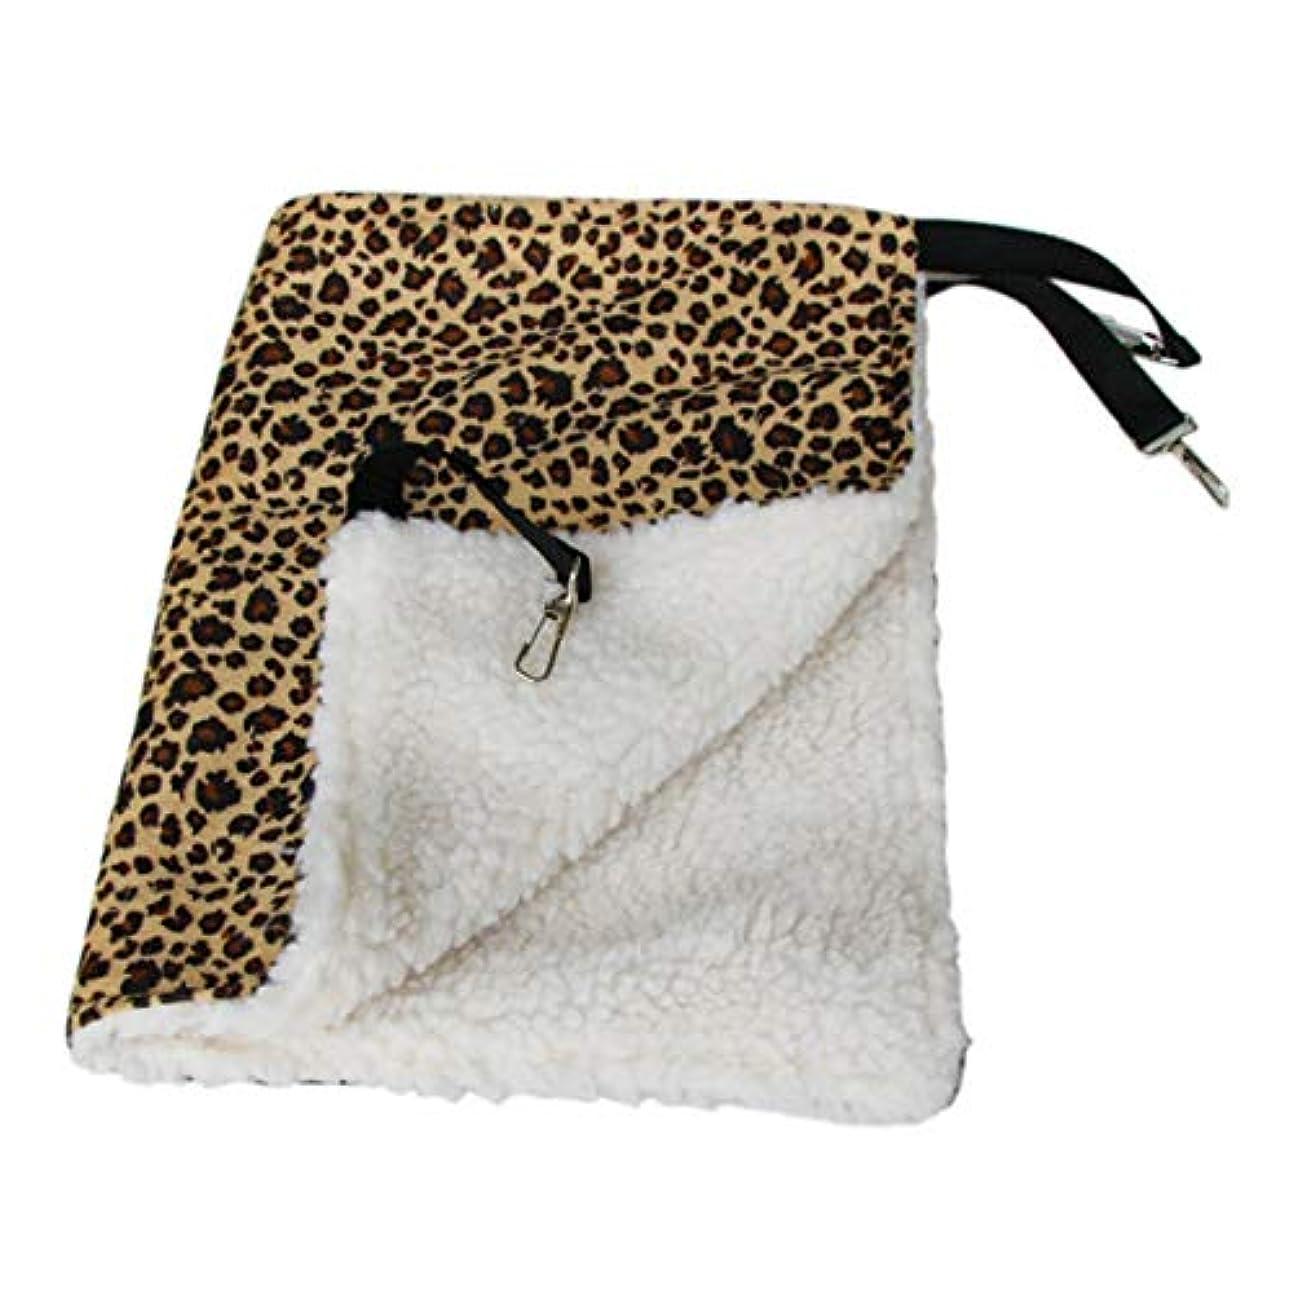 遷移ファン平和Saikogoods 暖かいハンギング猫ベッドマットソフトキャットハンモック冬ハンモックペット子猫ケージベッドカバークッションエアベッドペット 黄 L